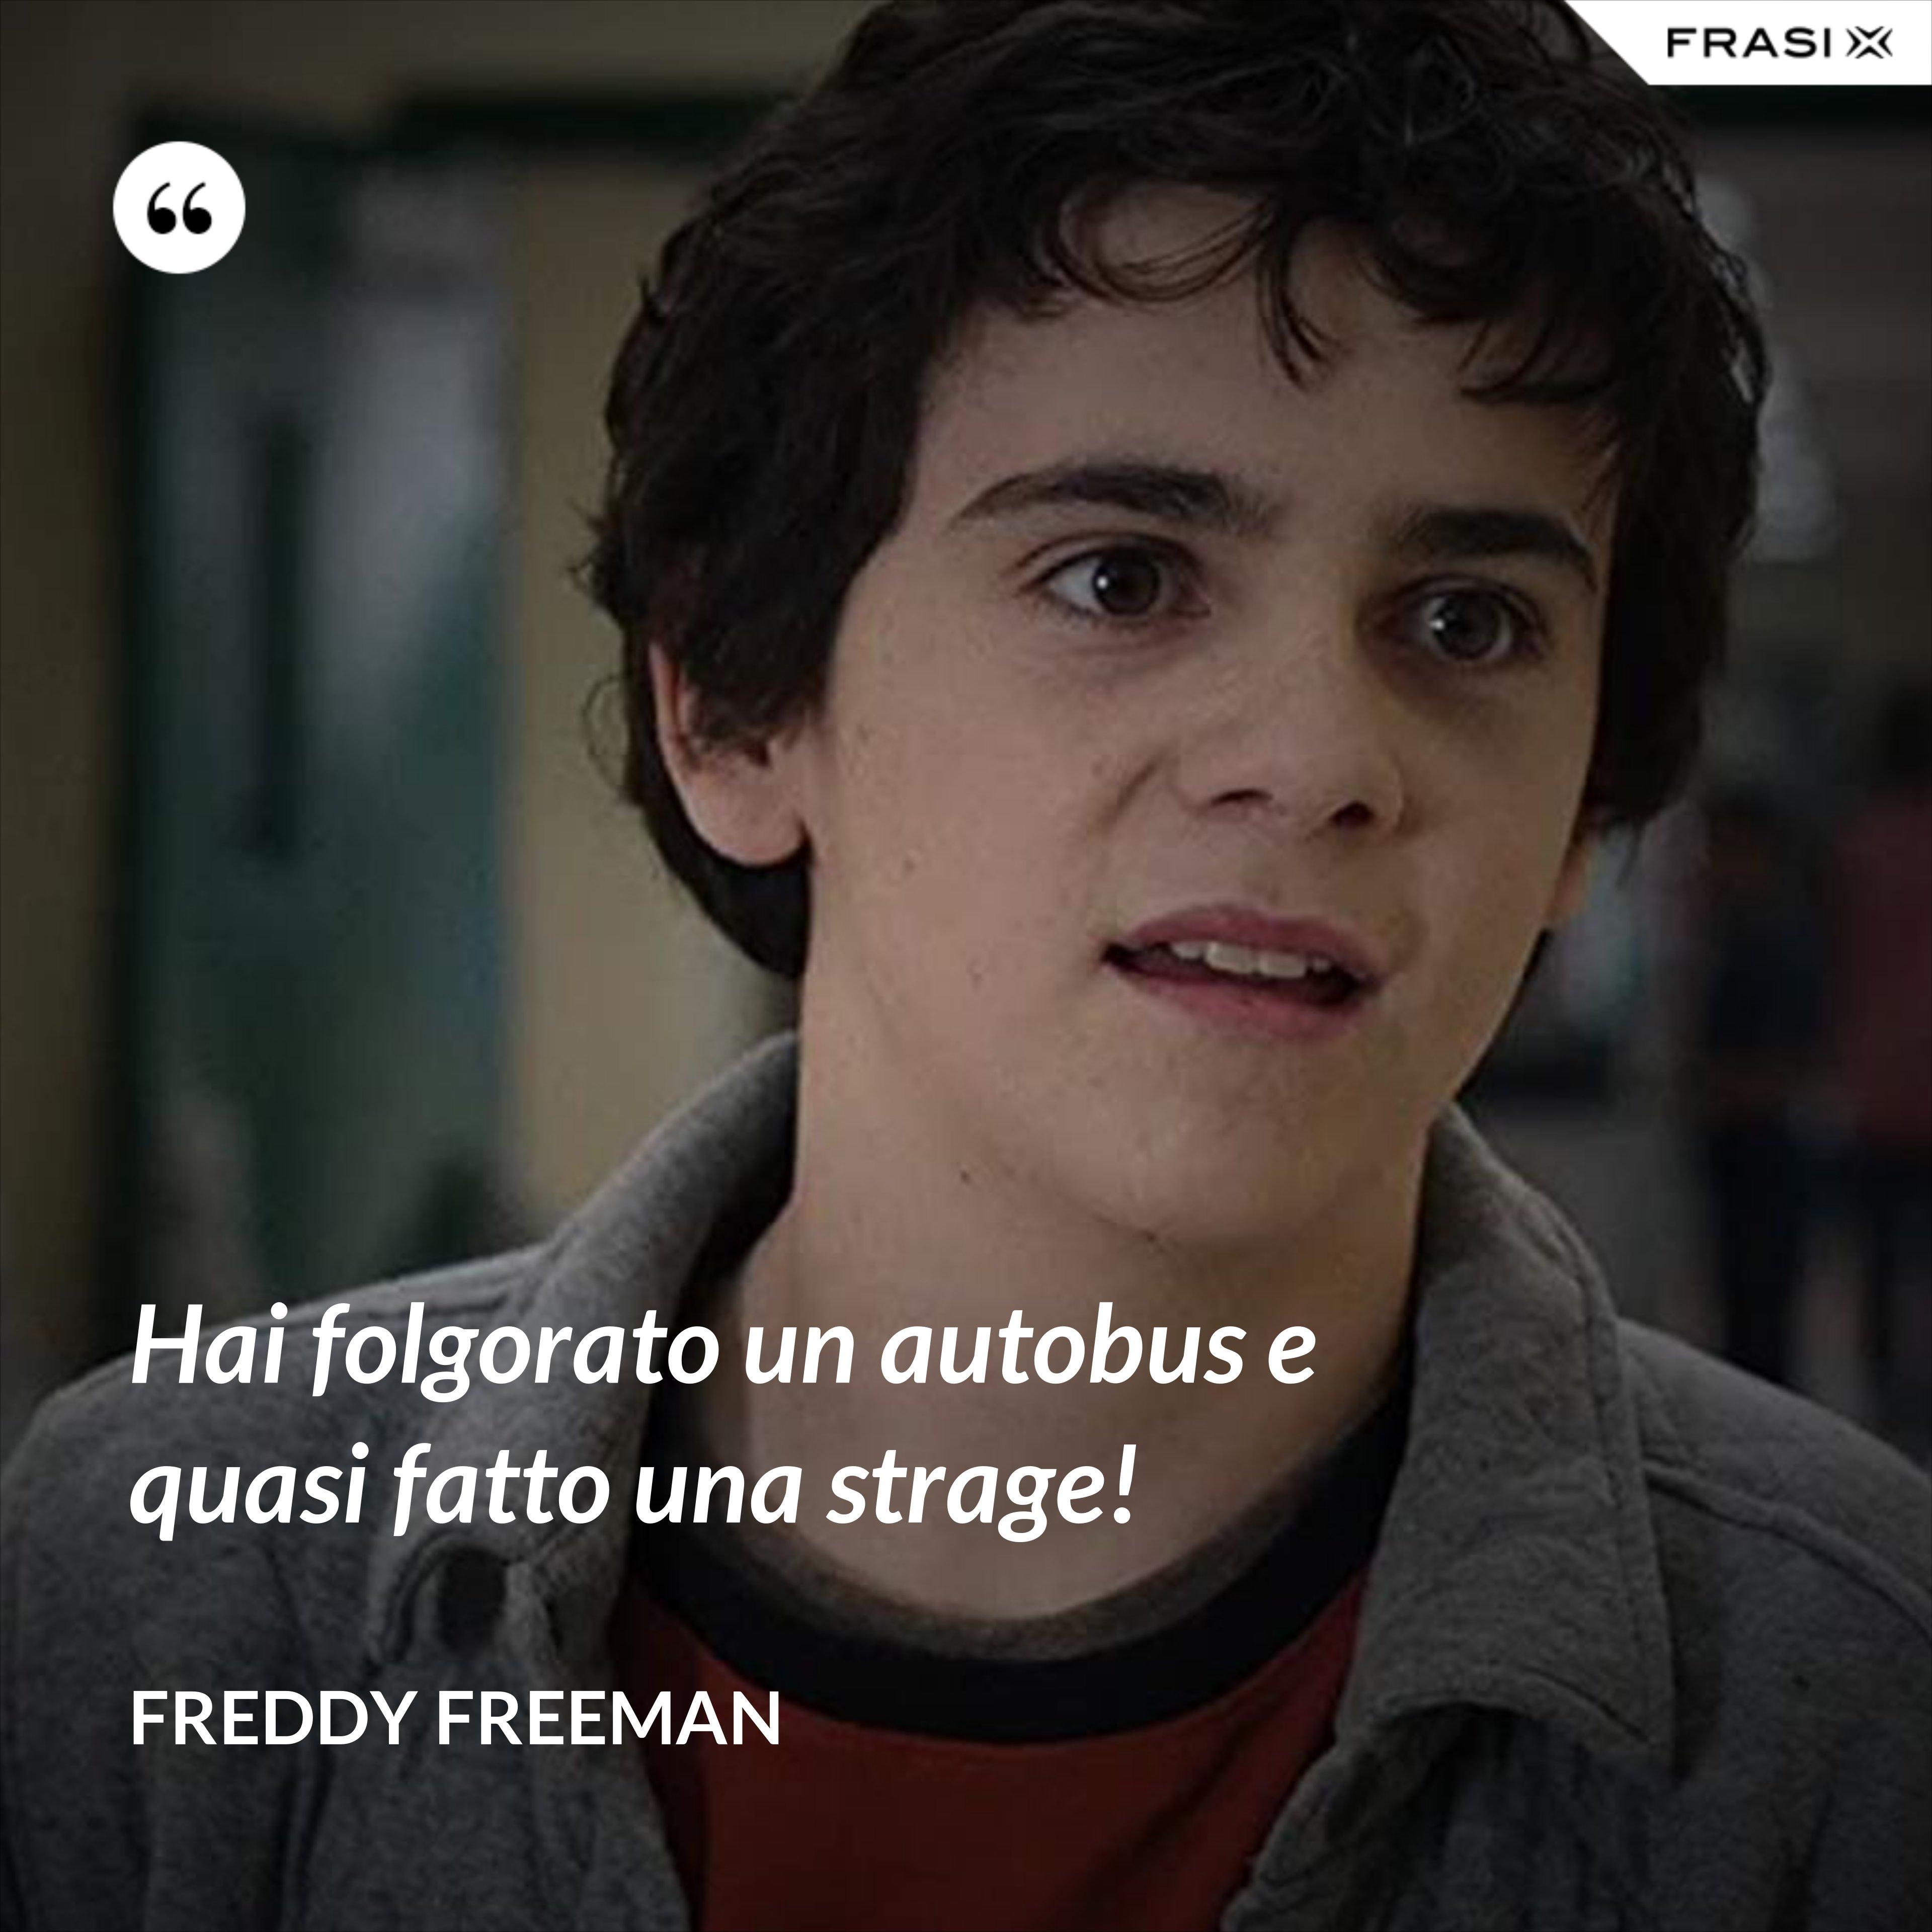 Hai folgorato un autobus e quasi fatto una strage! - Freddy Freeman